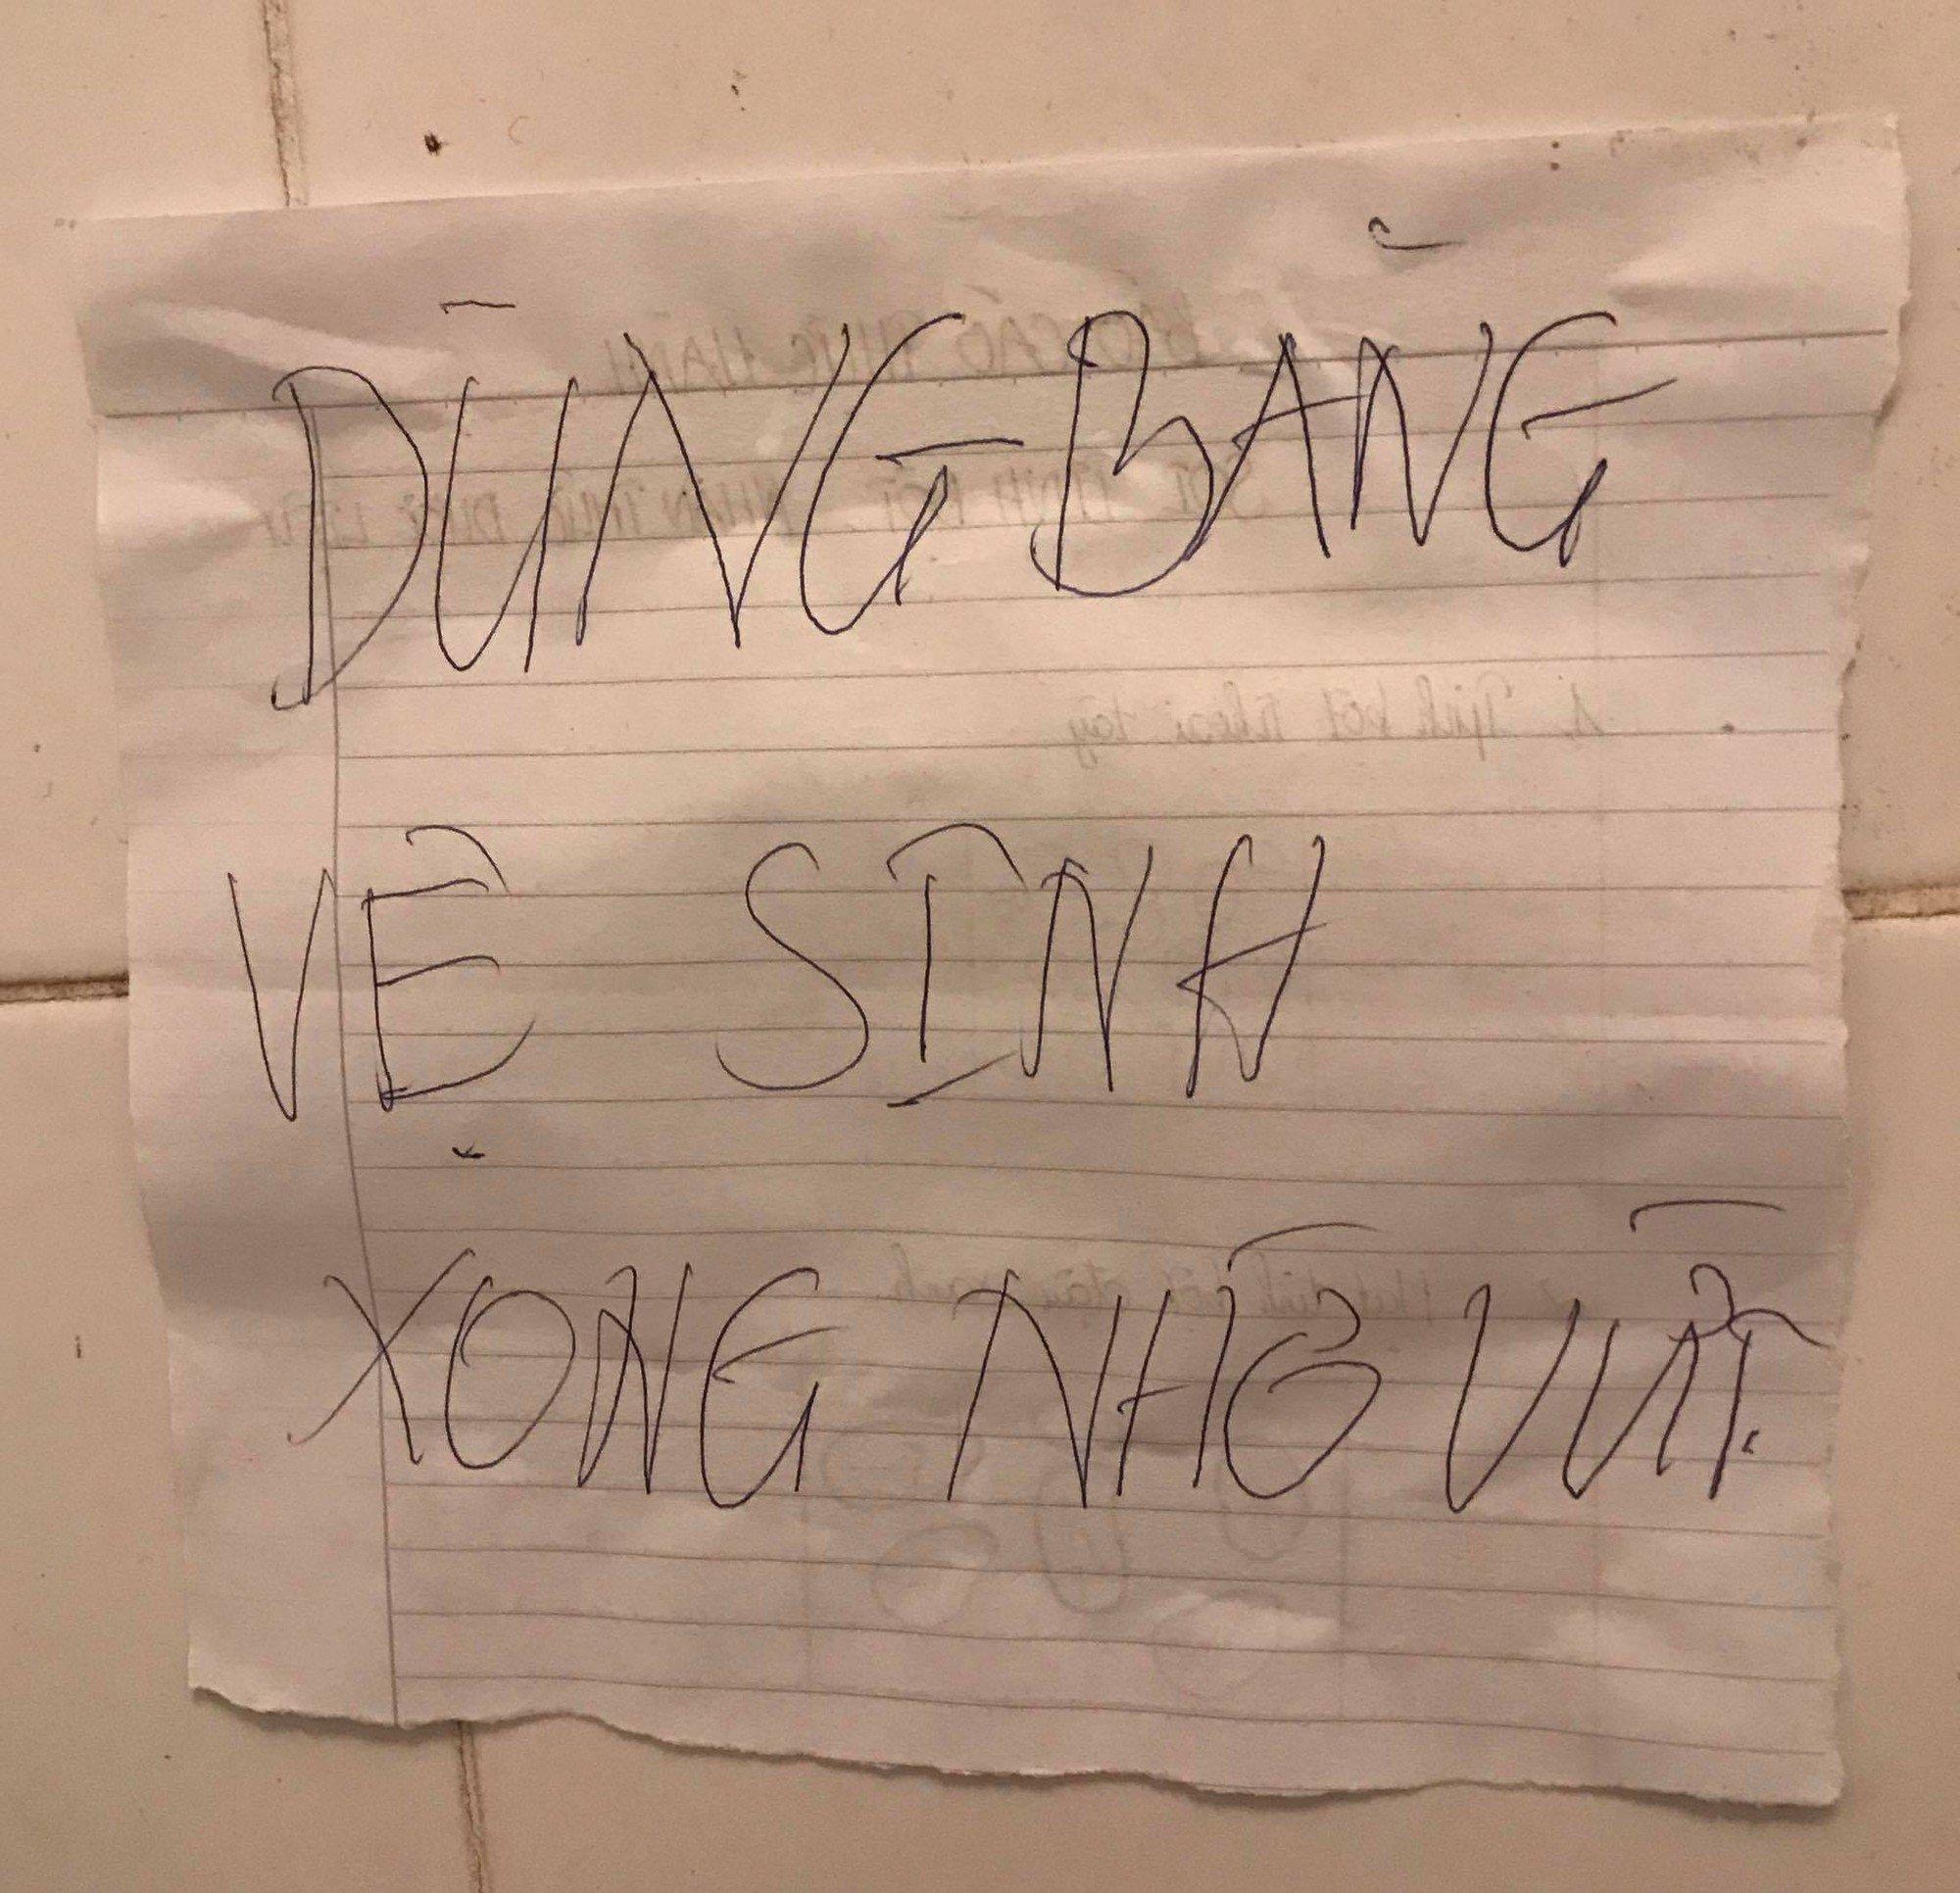 Khi con gái ở trọ cùng nhau: Ra ngoài lồng lộn phấn son, về nhà chải tóc tắc hết bồn rửa, lau son giấy vứt khắp nơi 6